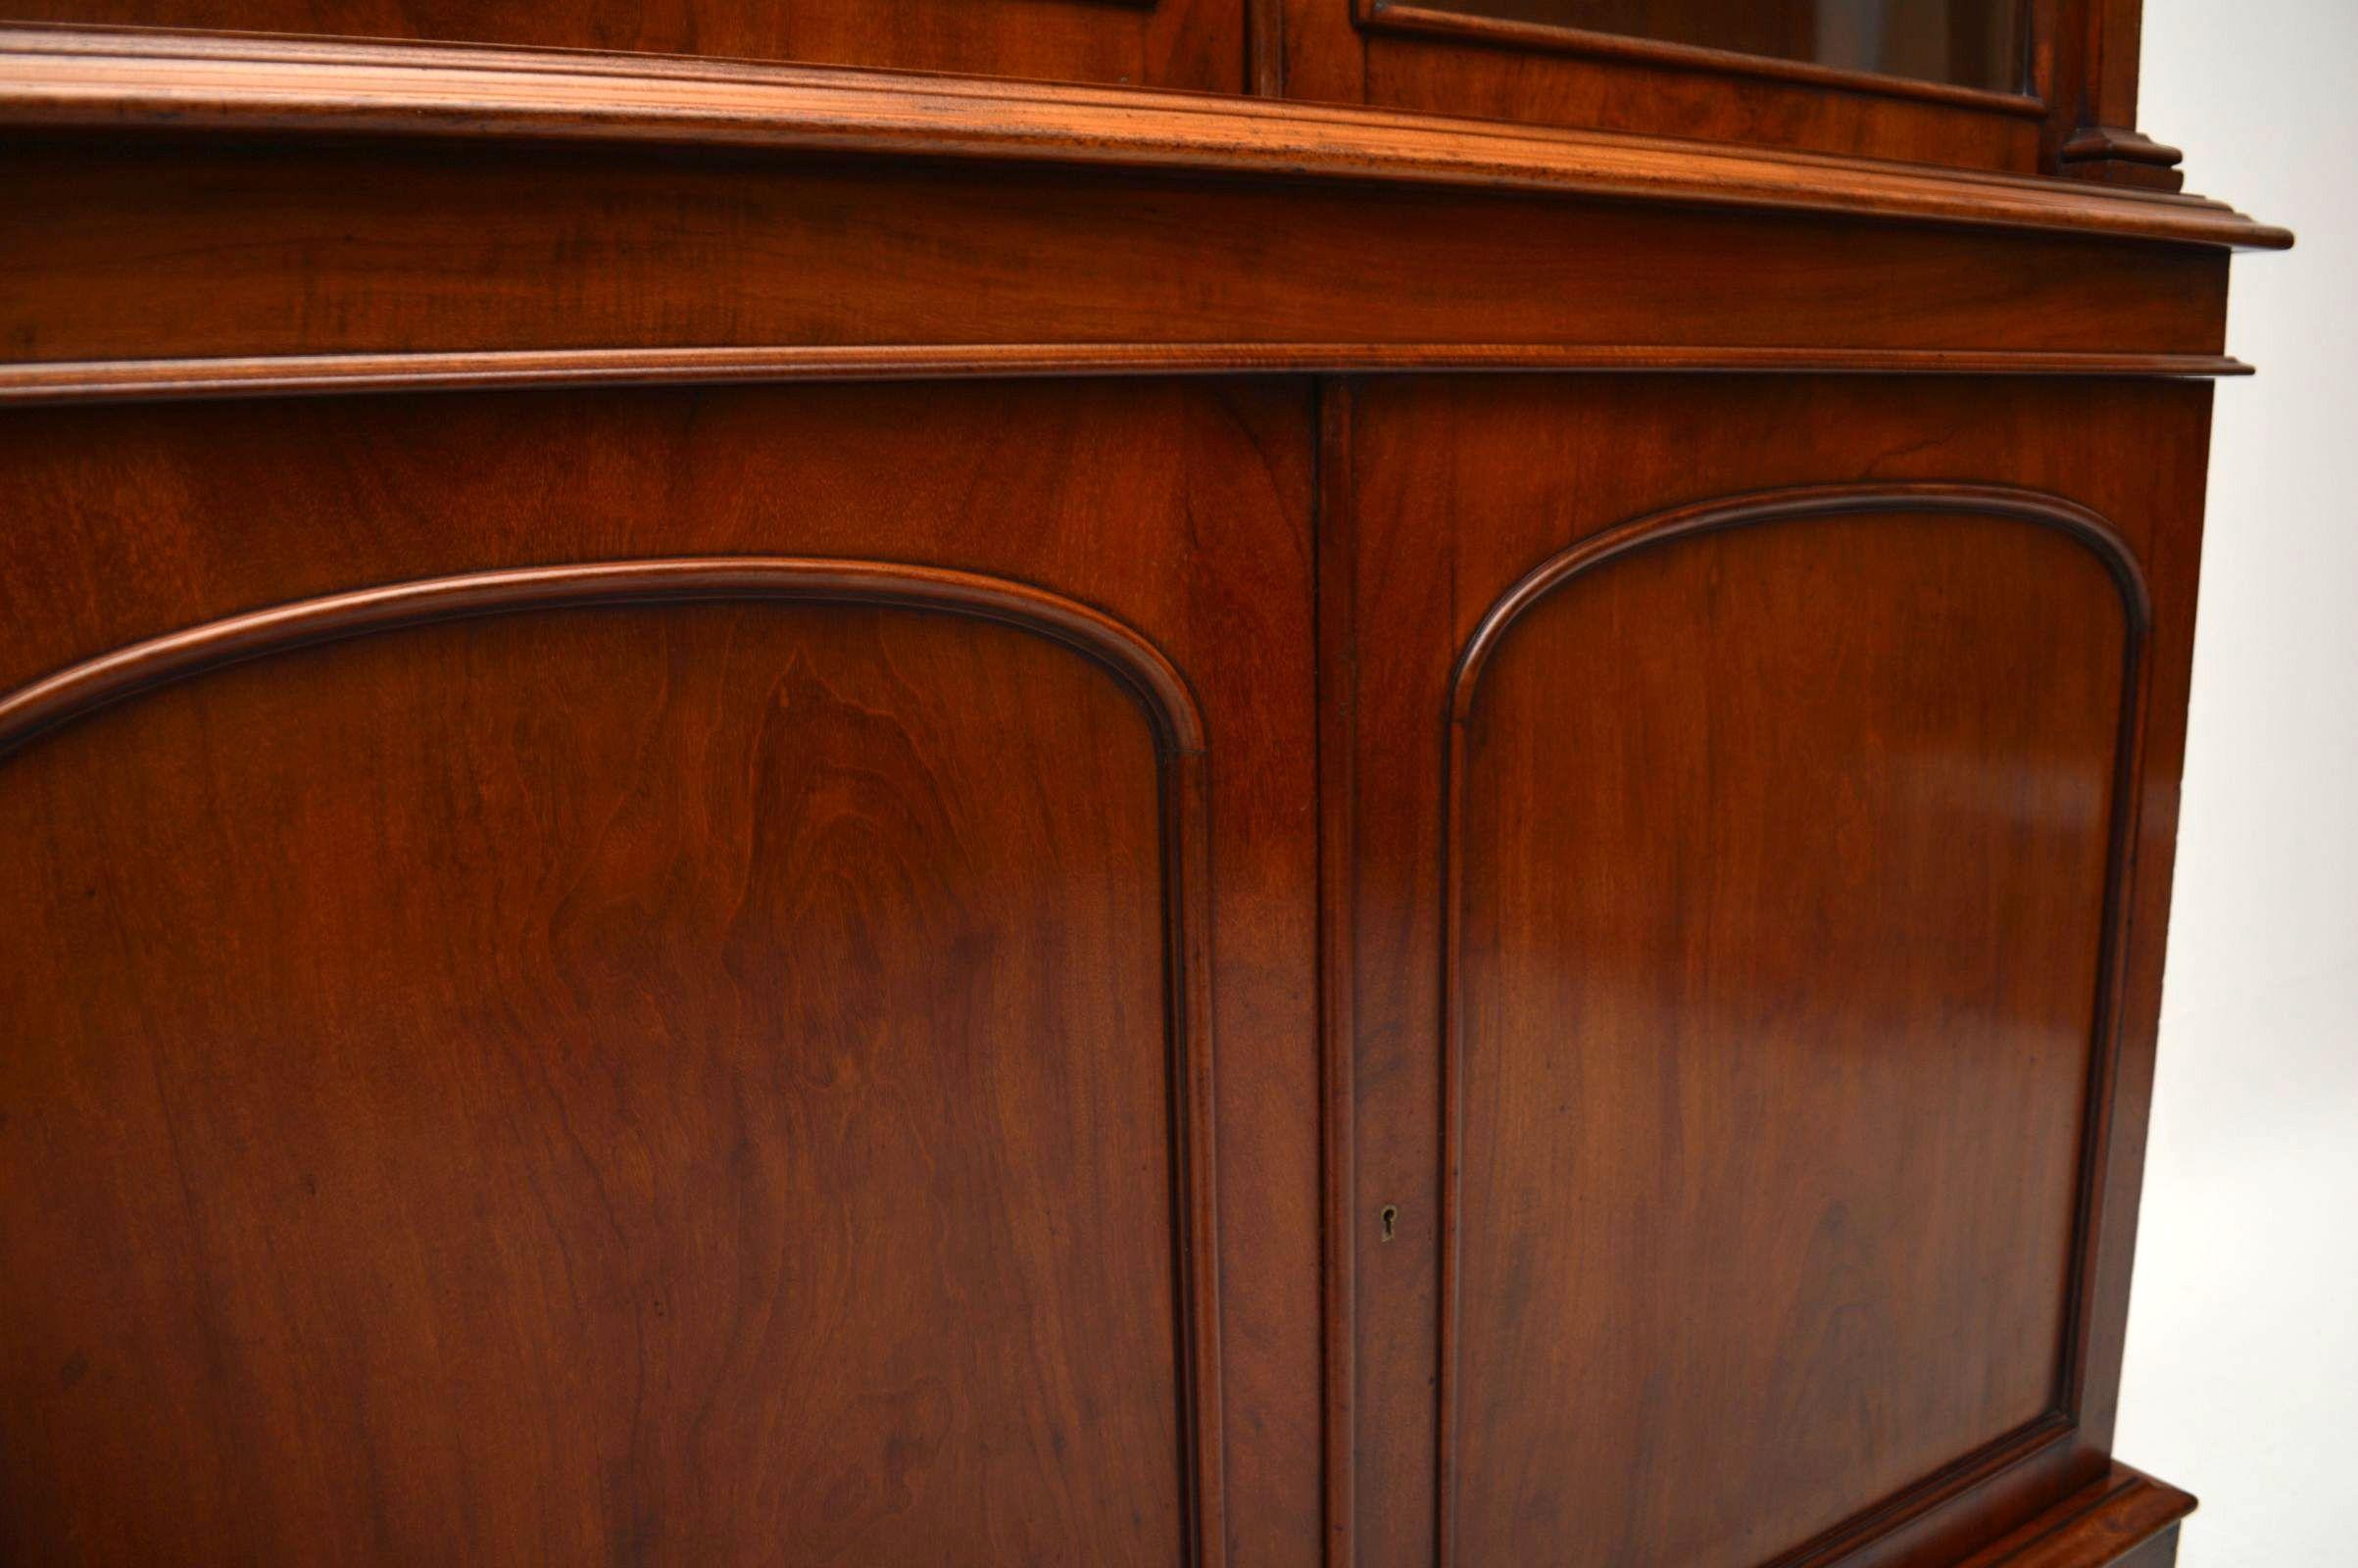 gro es antikes viktorianisches mahagoni b cherregal. Black Bedroom Furniture Sets. Home Design Ideas